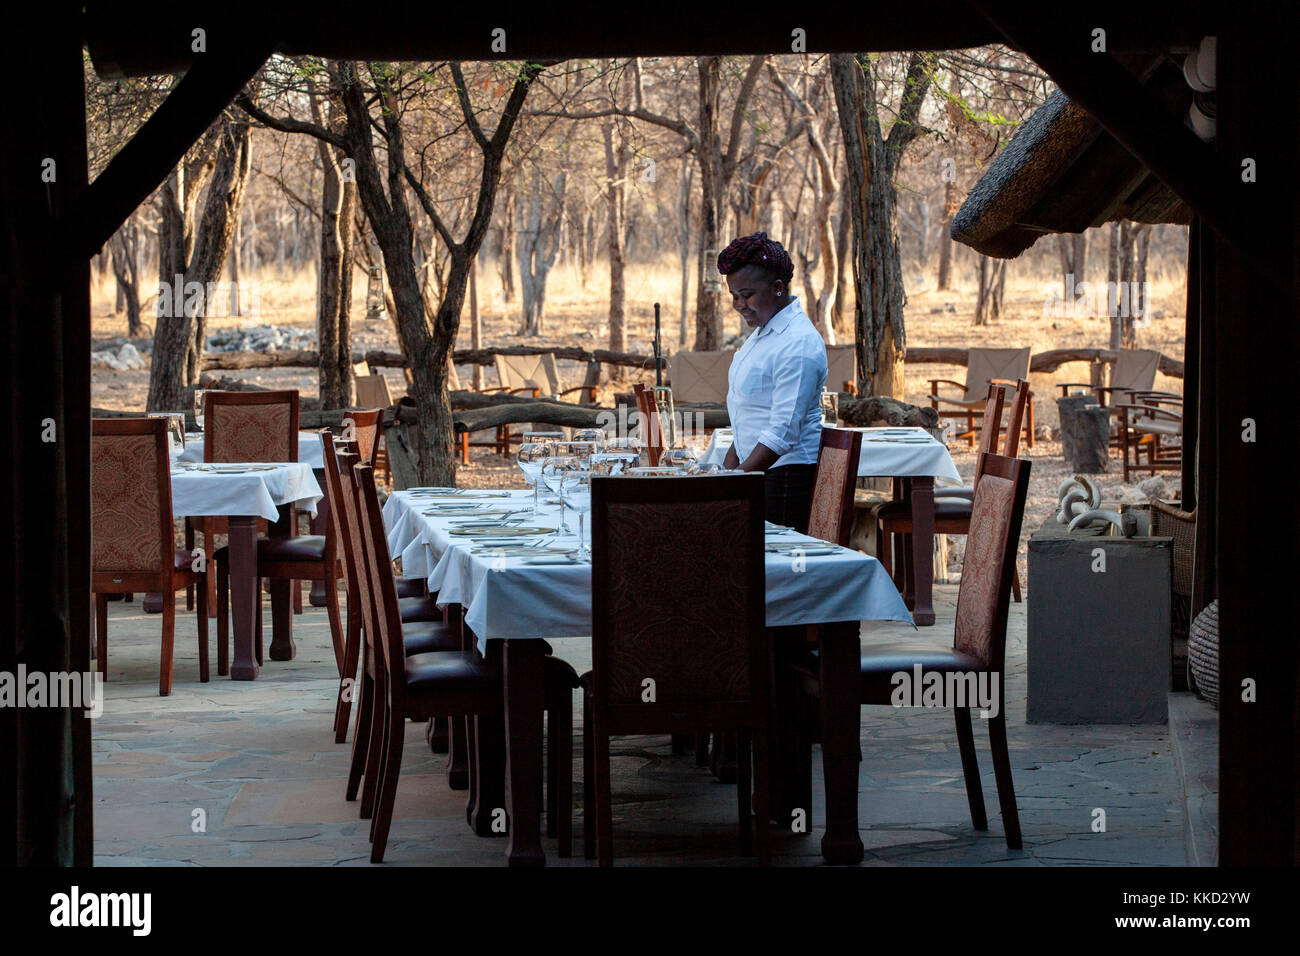 Outdoor dining at Etosha Aoba Lodge, Onguma Game Reserve, Namibia, Africa - Stock Image